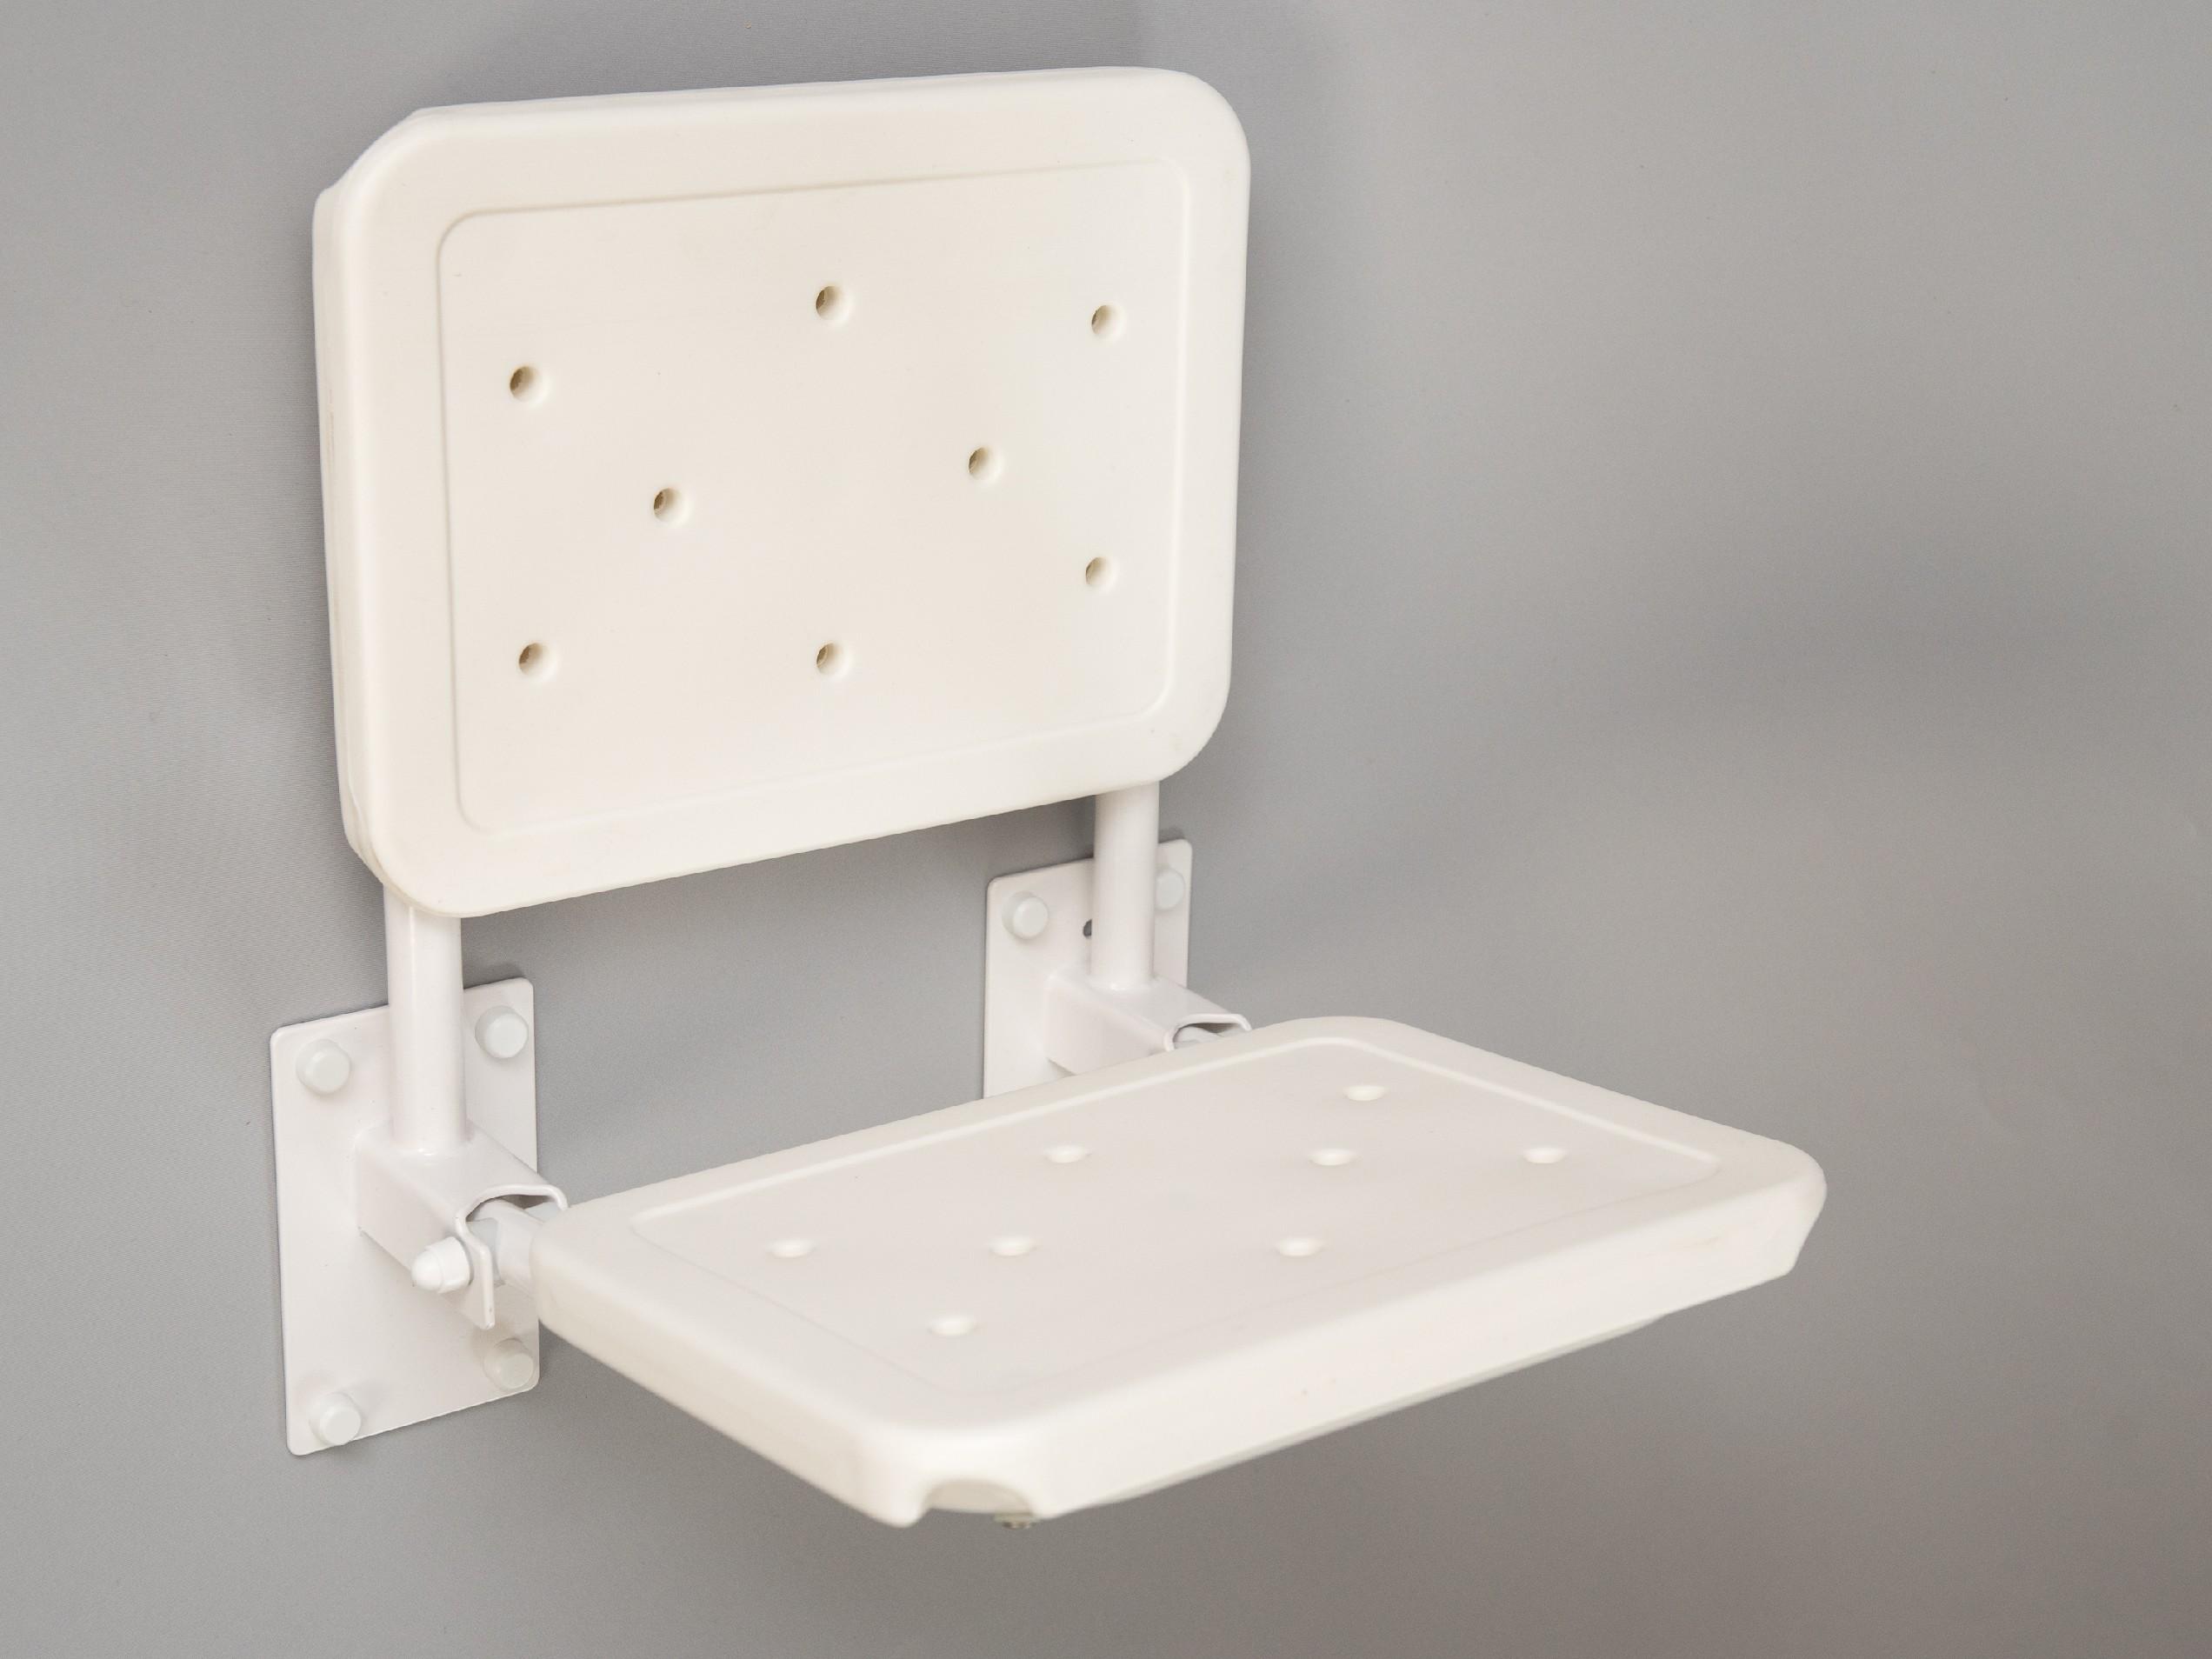 sprchové sedátko sklopné závěsné BÍLÉ s opěradlem COMPACT